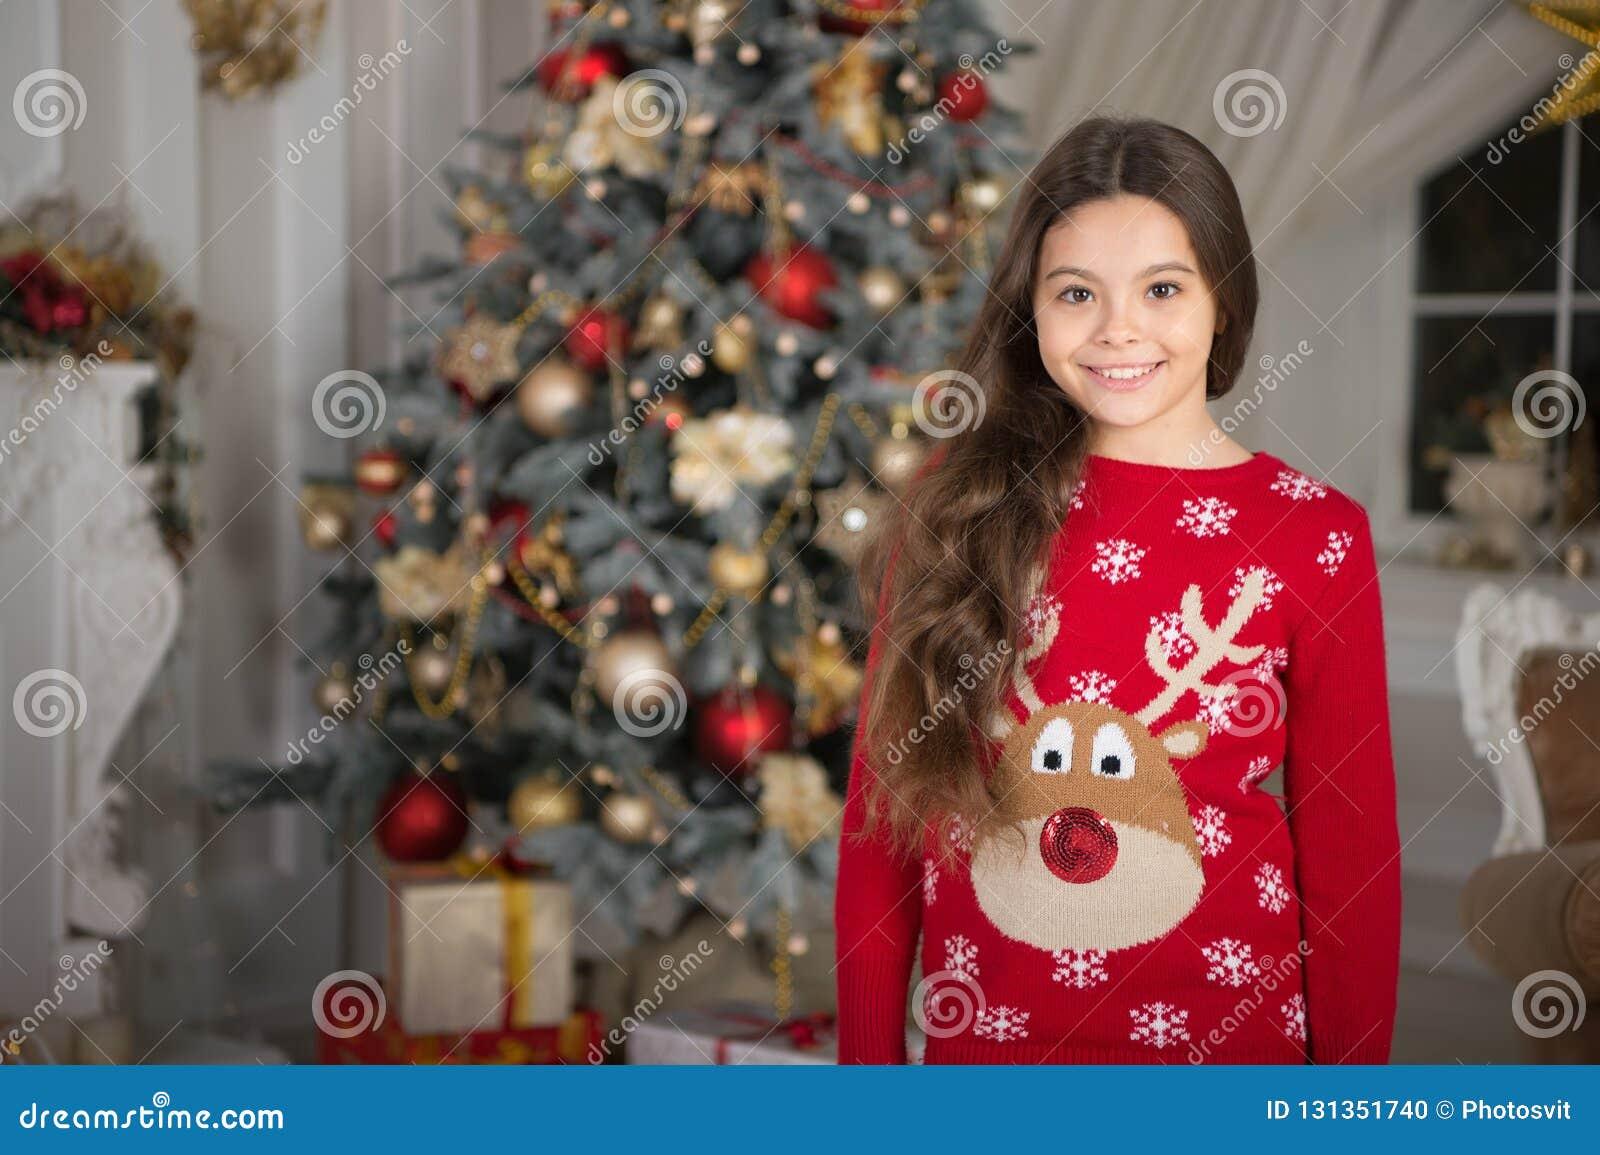 小孩女孩喜欢xmas礼物 新年好 圣诞节的小愉快的女孩 圣诞节 孩子享受假日